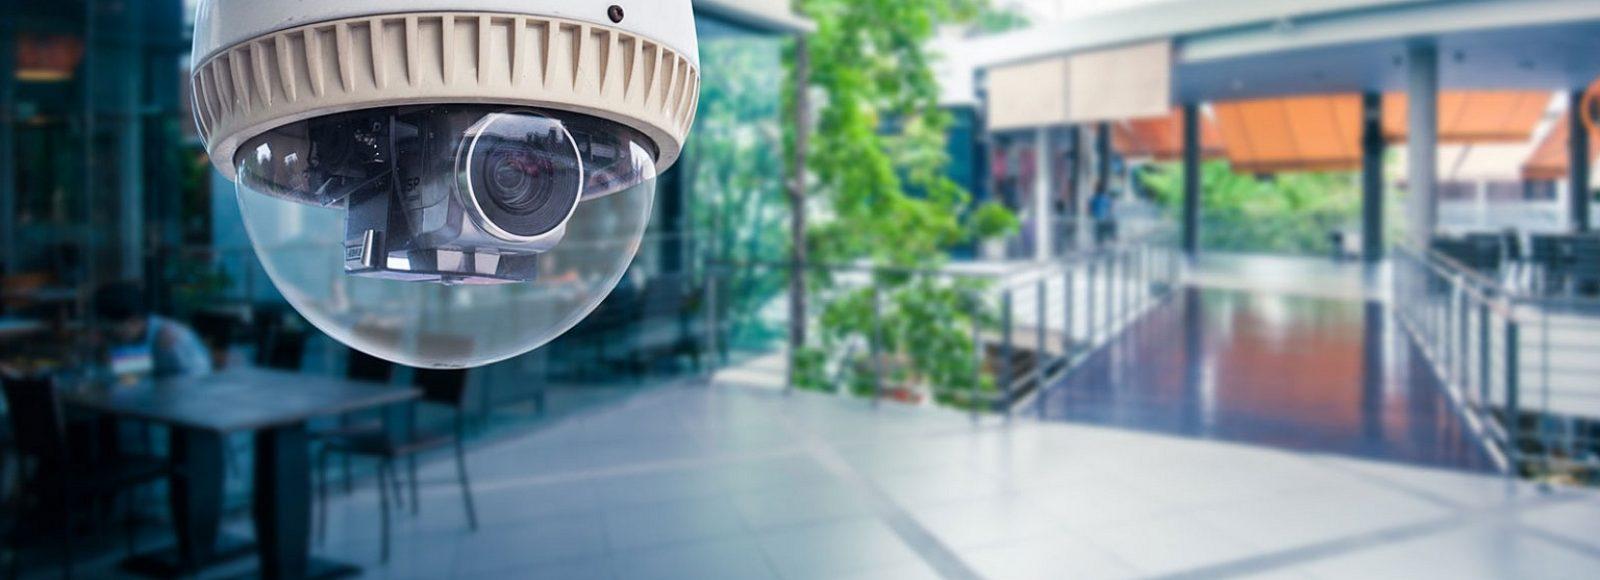 Monitorizeaza de oriunde te afli